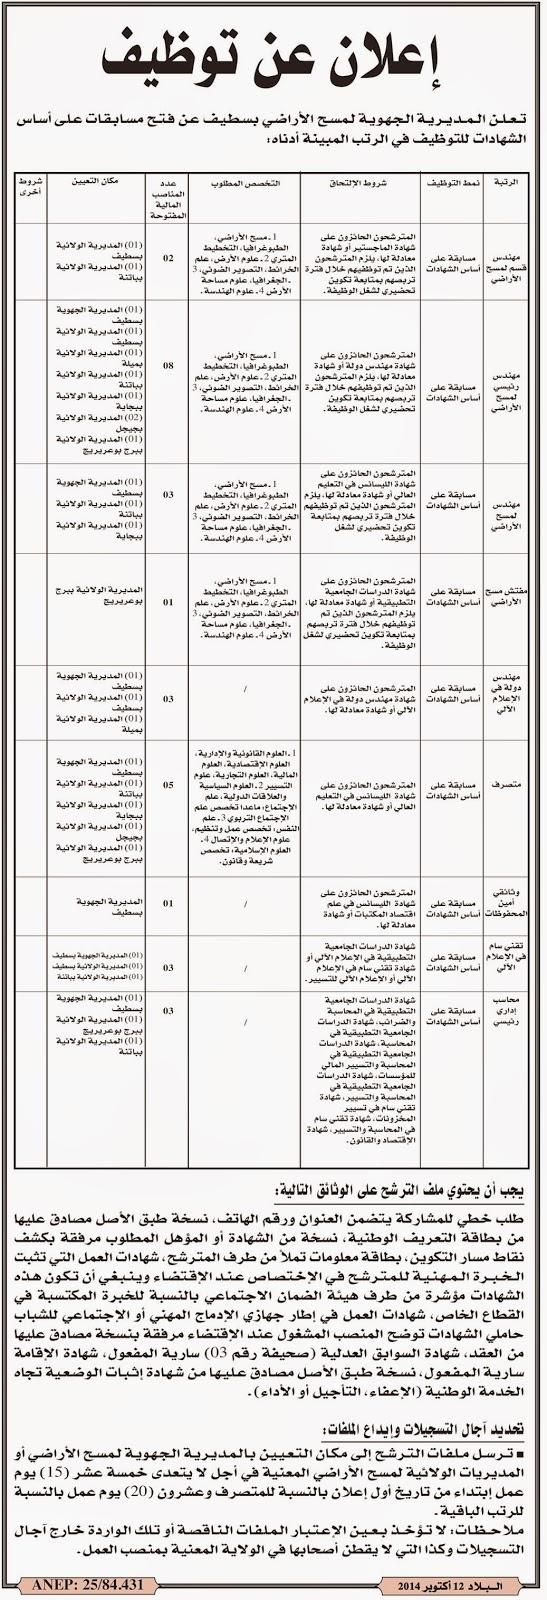 مسابقة توظيف 29 منصب في المديرية الجهوية لمسح الأراضي بولاية سطيف